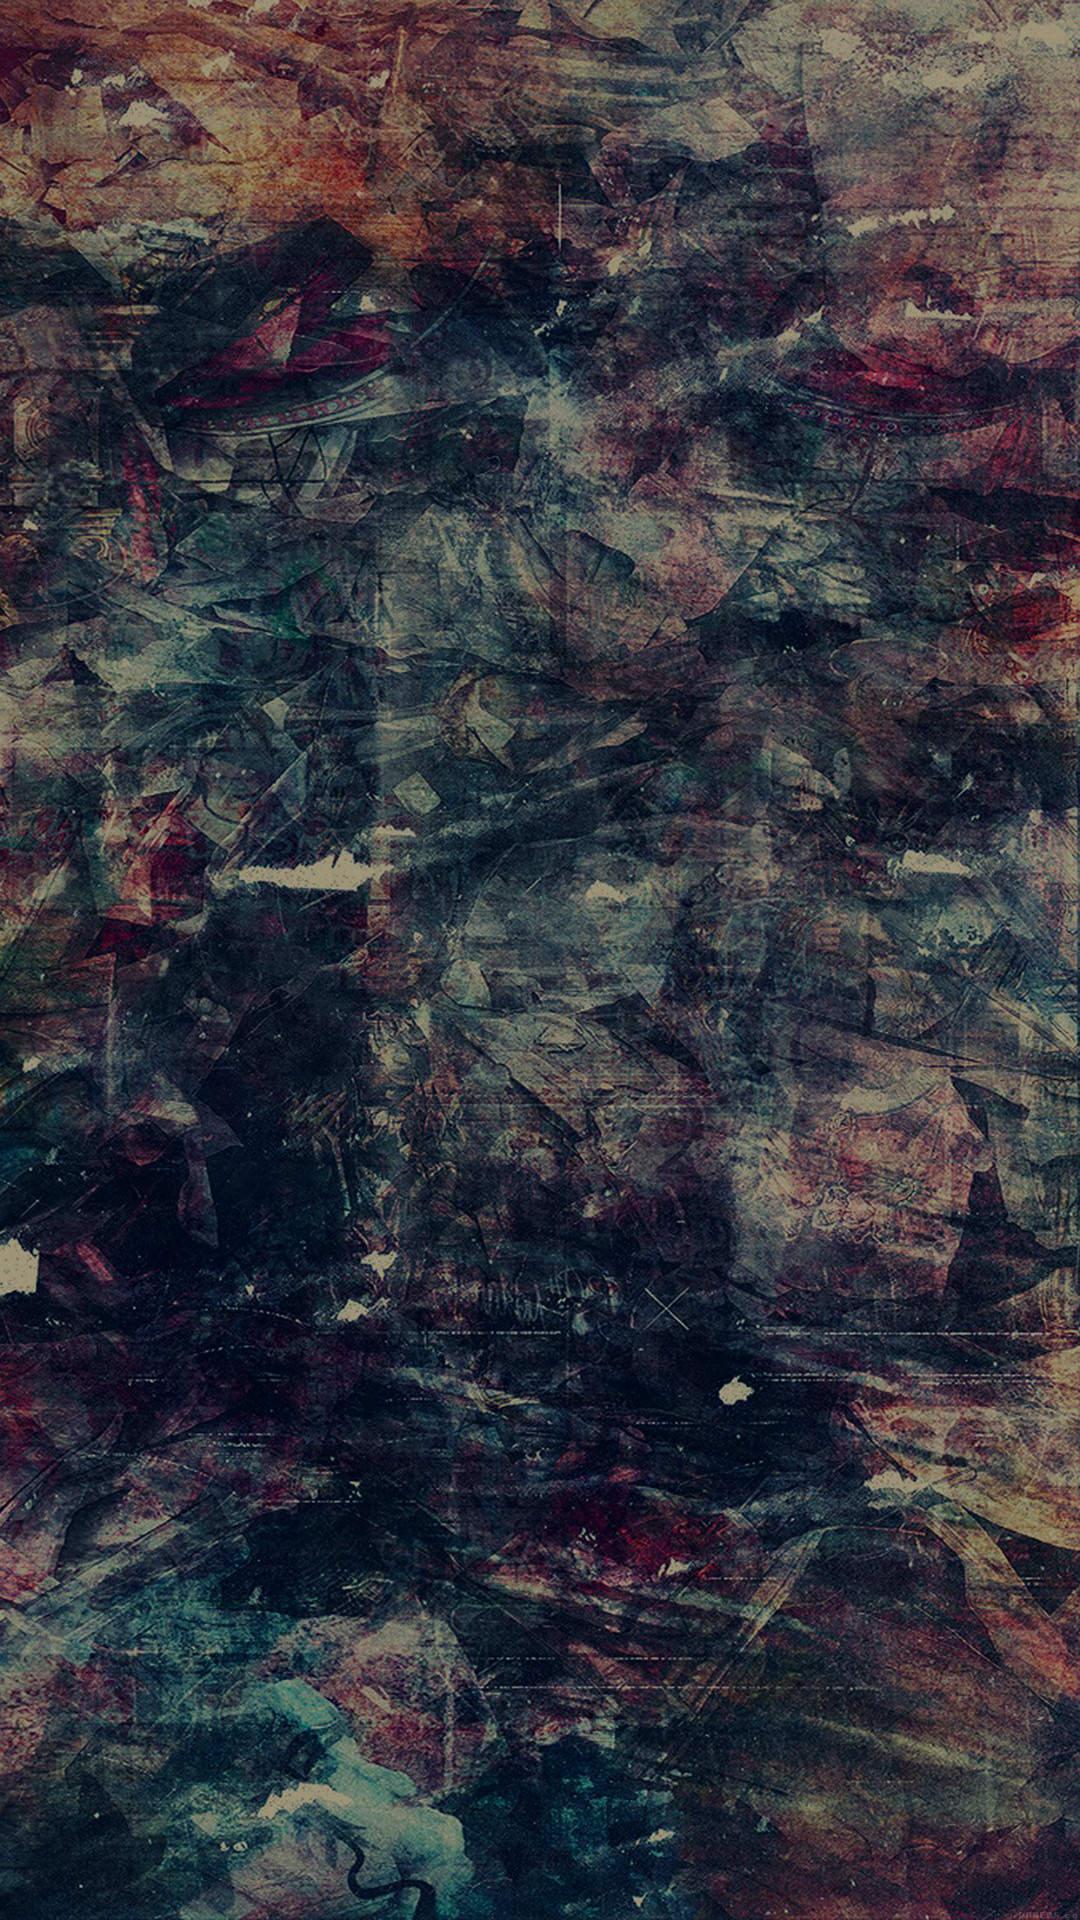 かすれた壁面 iPhone6壁紙